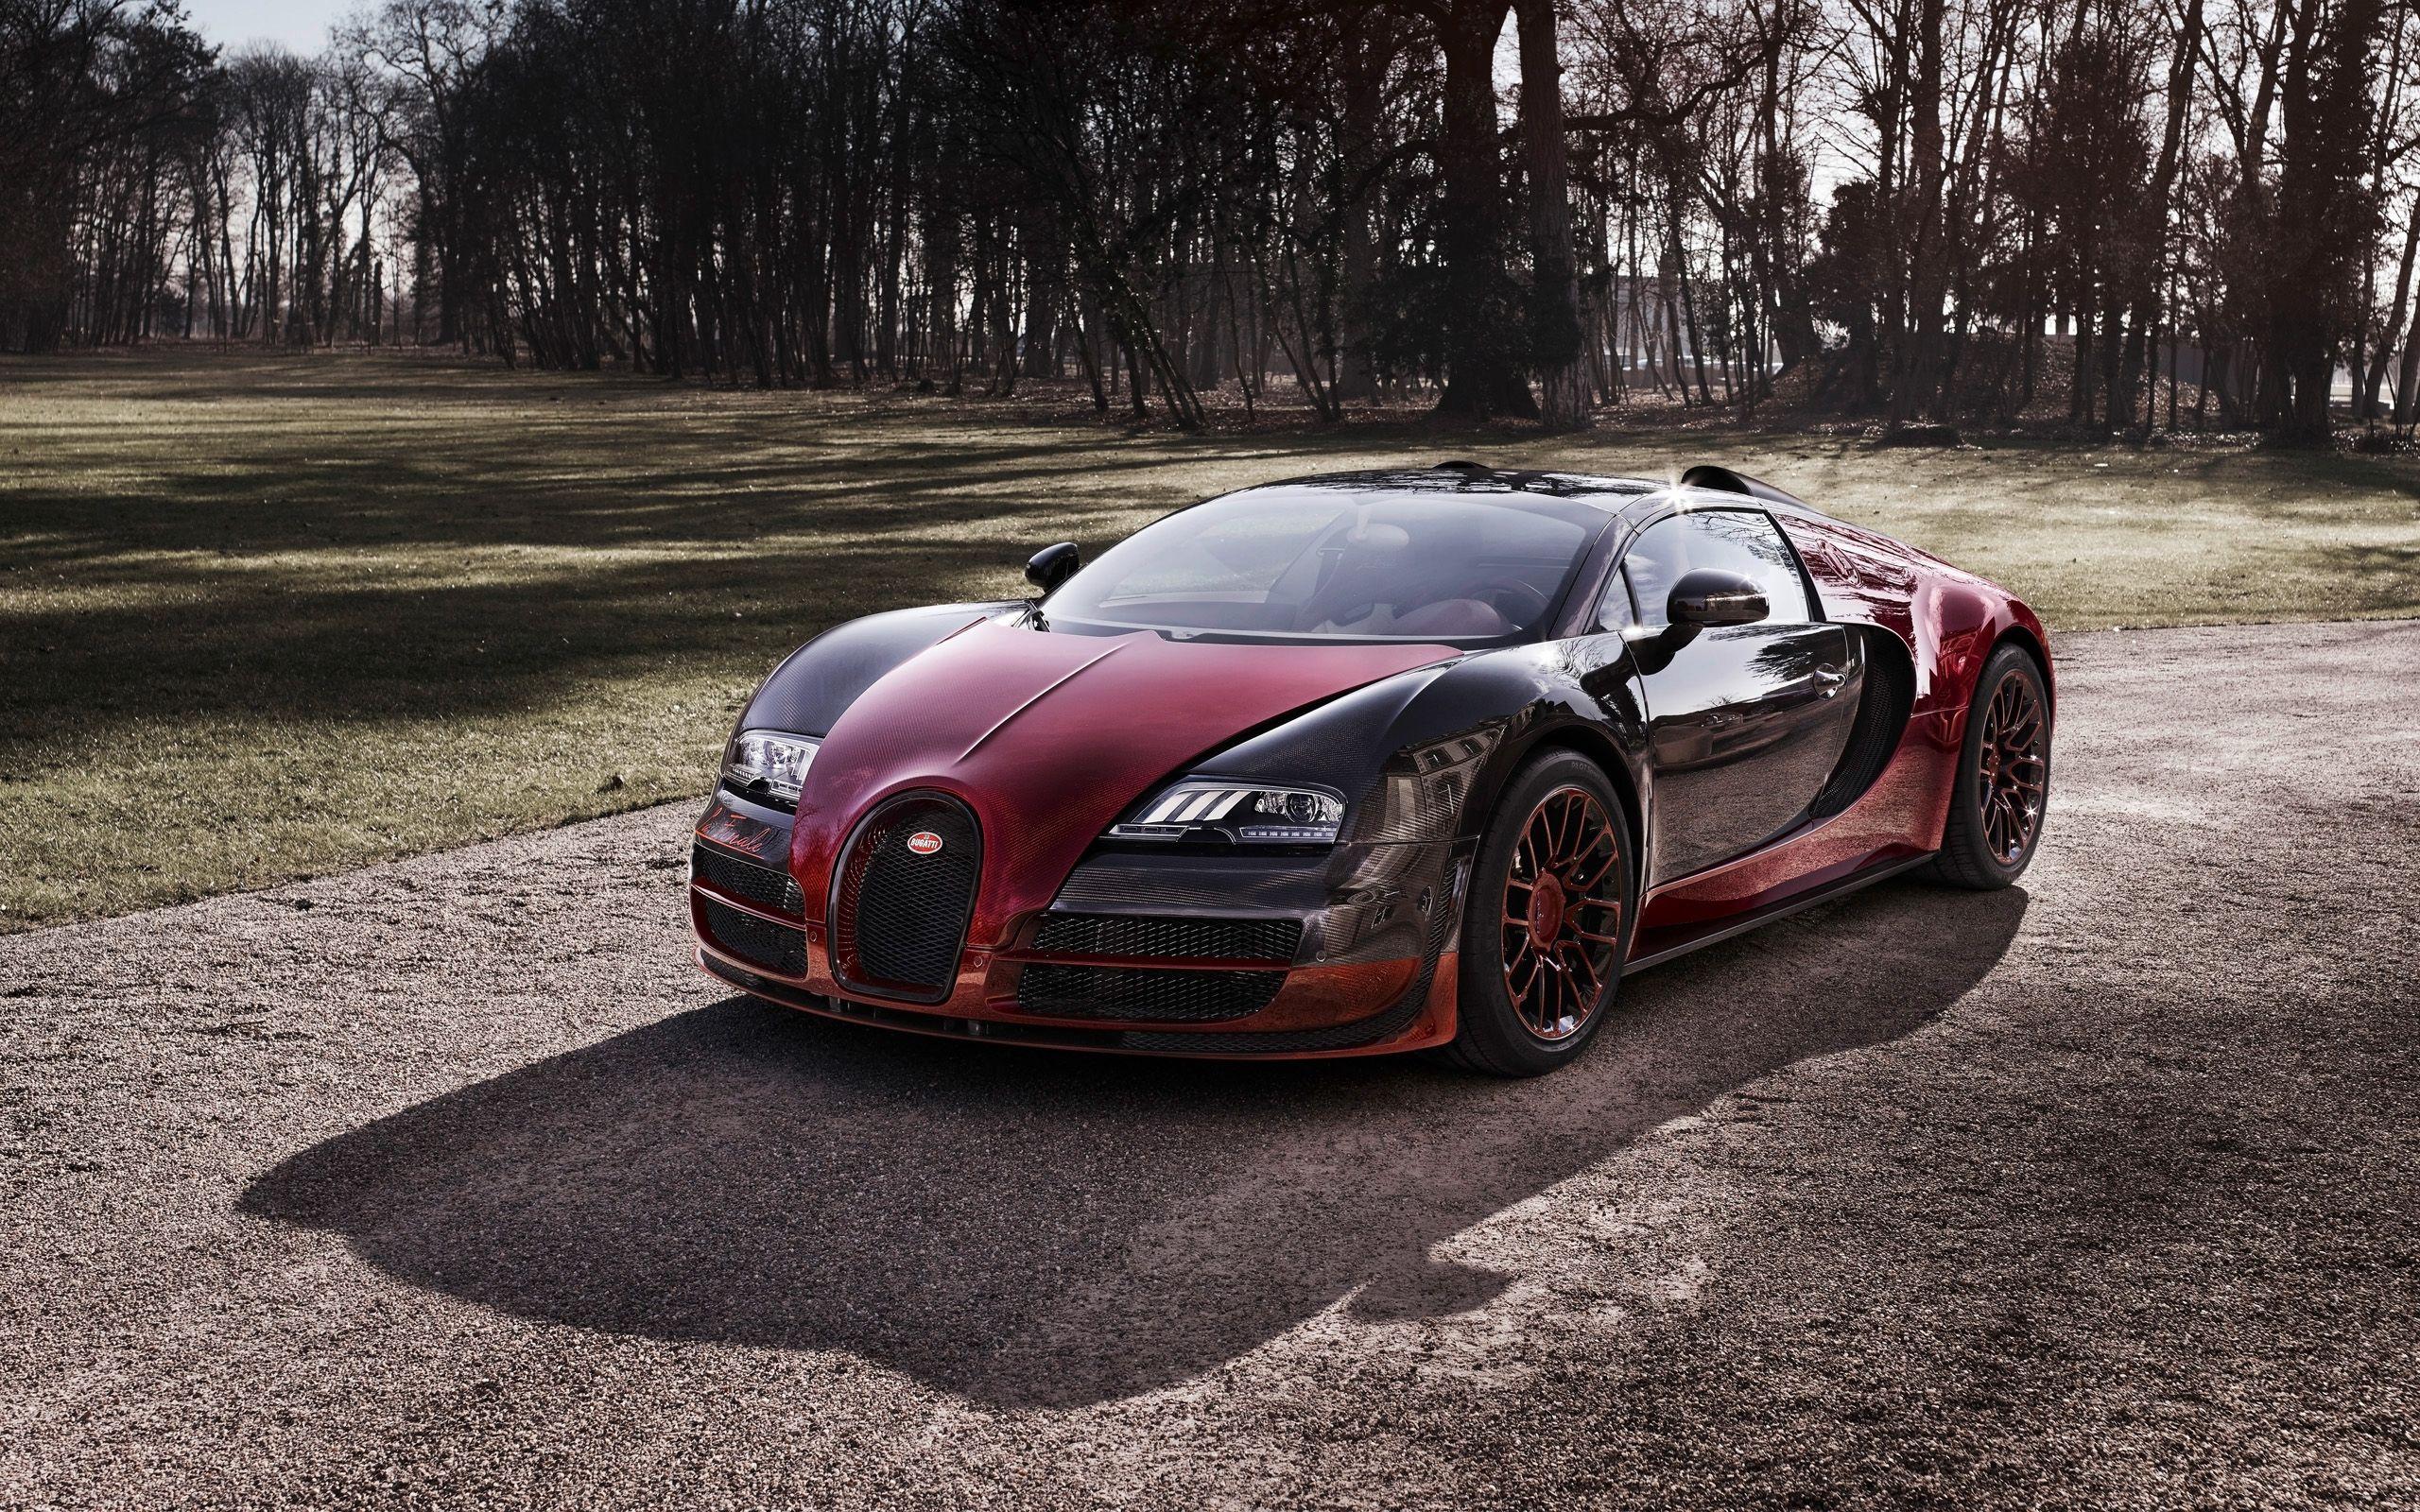 2015 Bugatti Veyron Grand Sport Vitesse La Finale 2 Car Hd